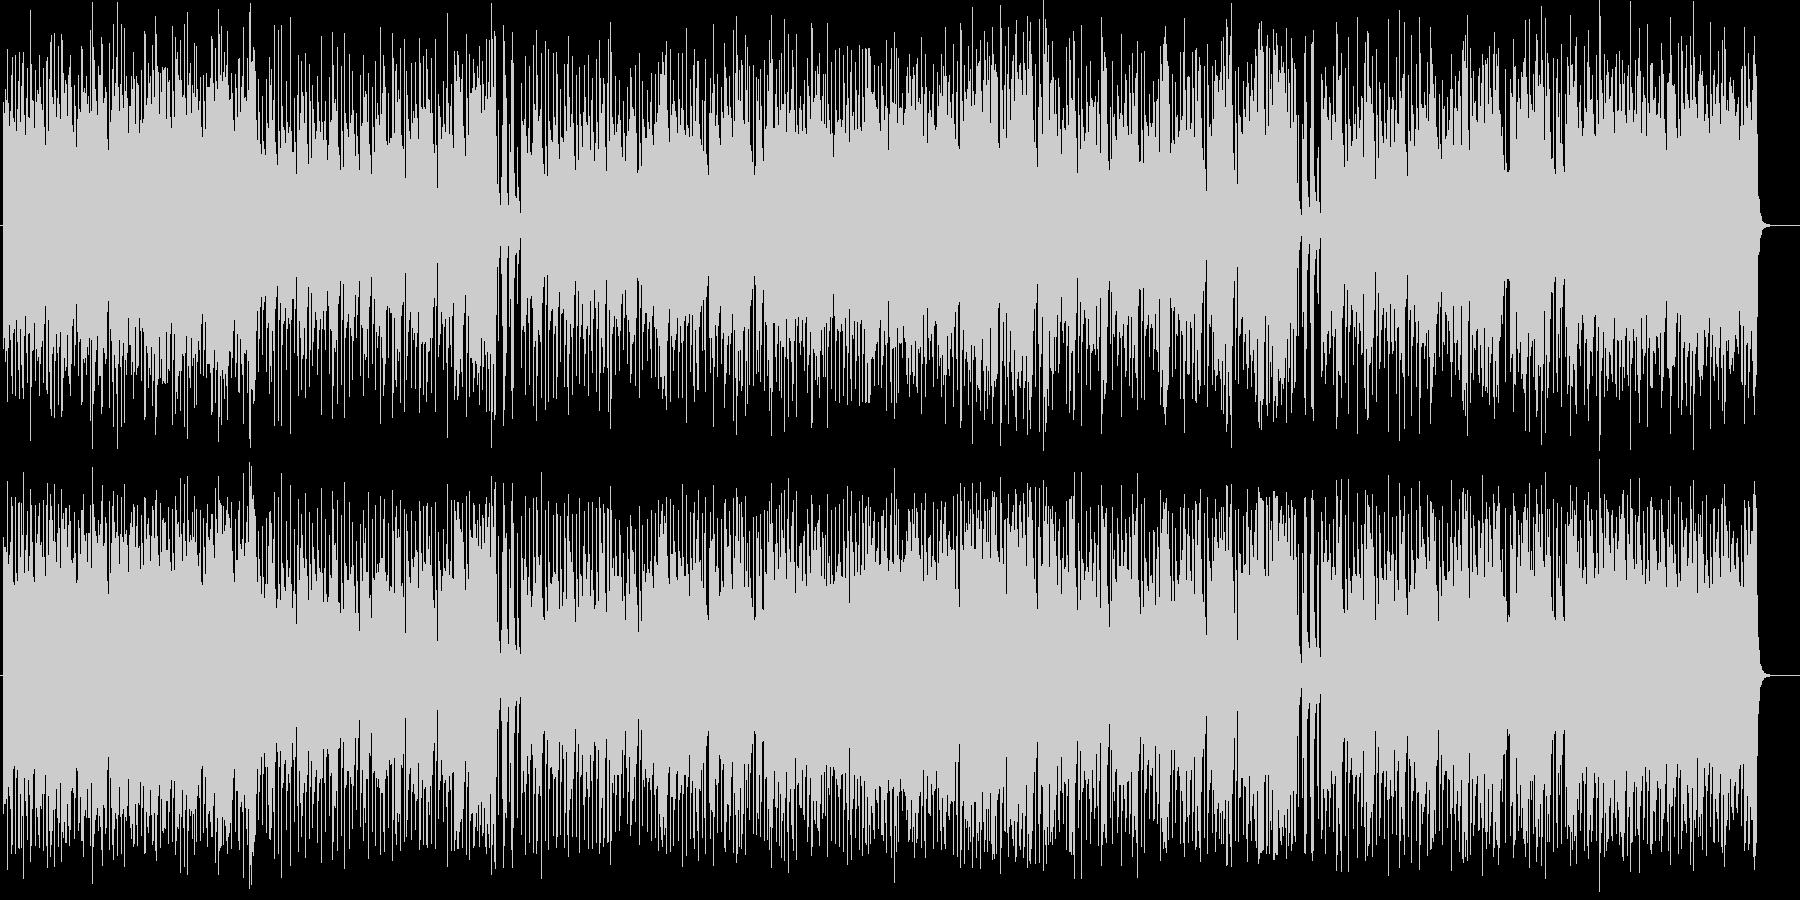 流麗なアコースティック・ギター・サウンドの未再生の波形